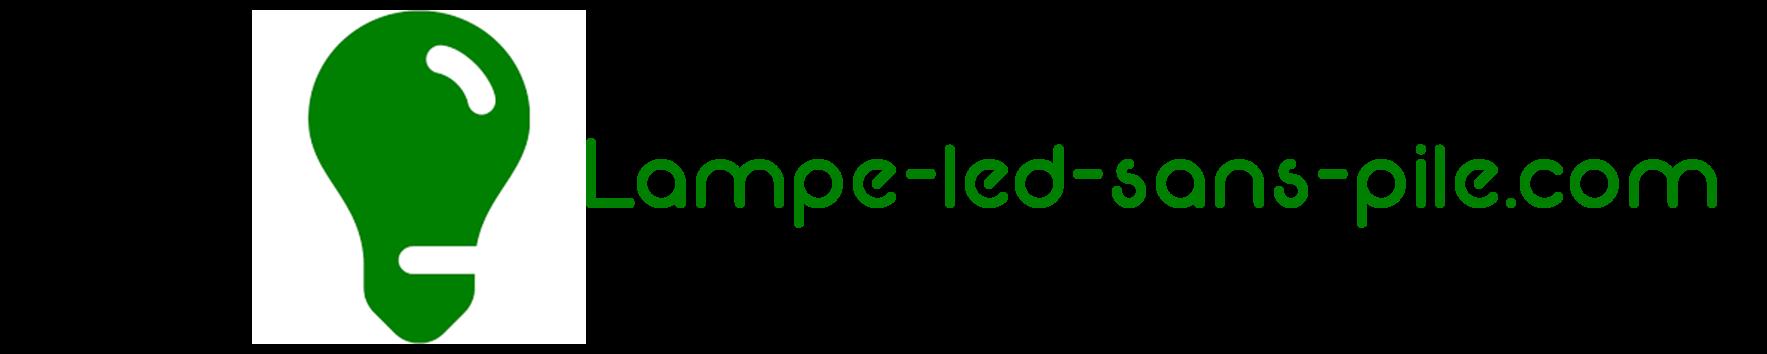 Lampe-led-sans-pile.com